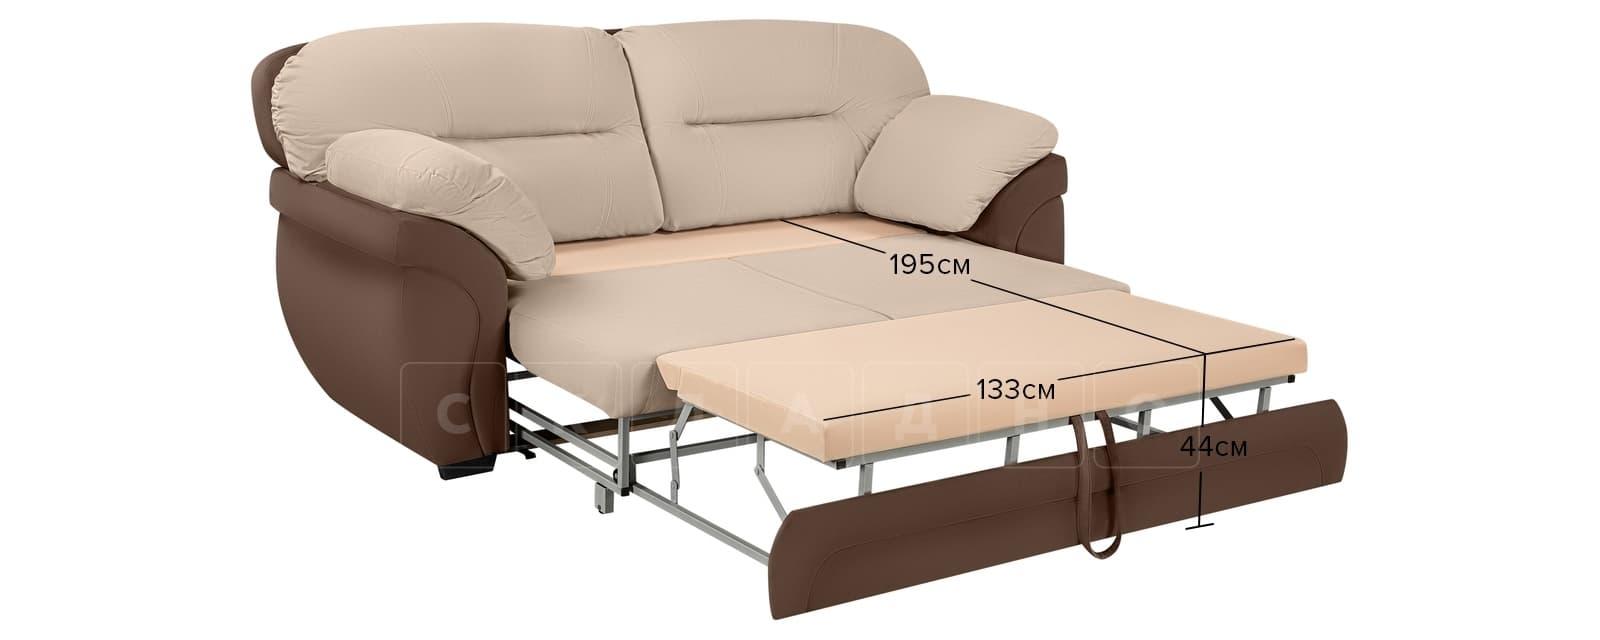 Диван Бристоль велюр бежевый с коричневым фото 10 | интернет-магазин Складно